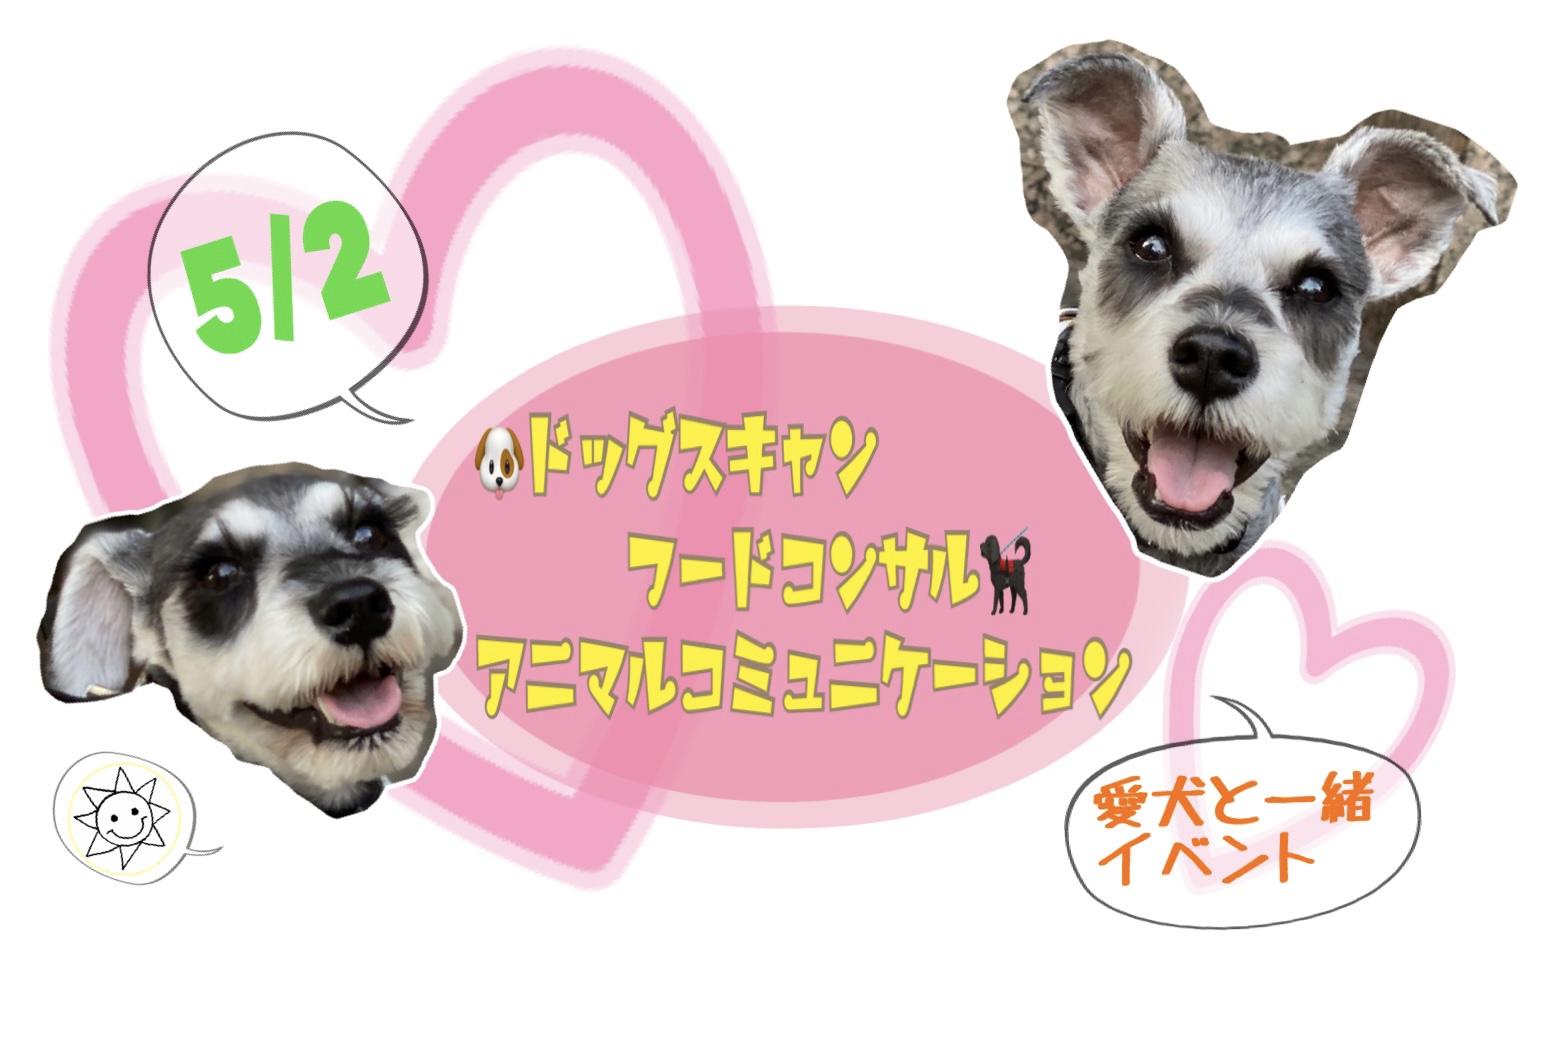 犬と一緒のイベント